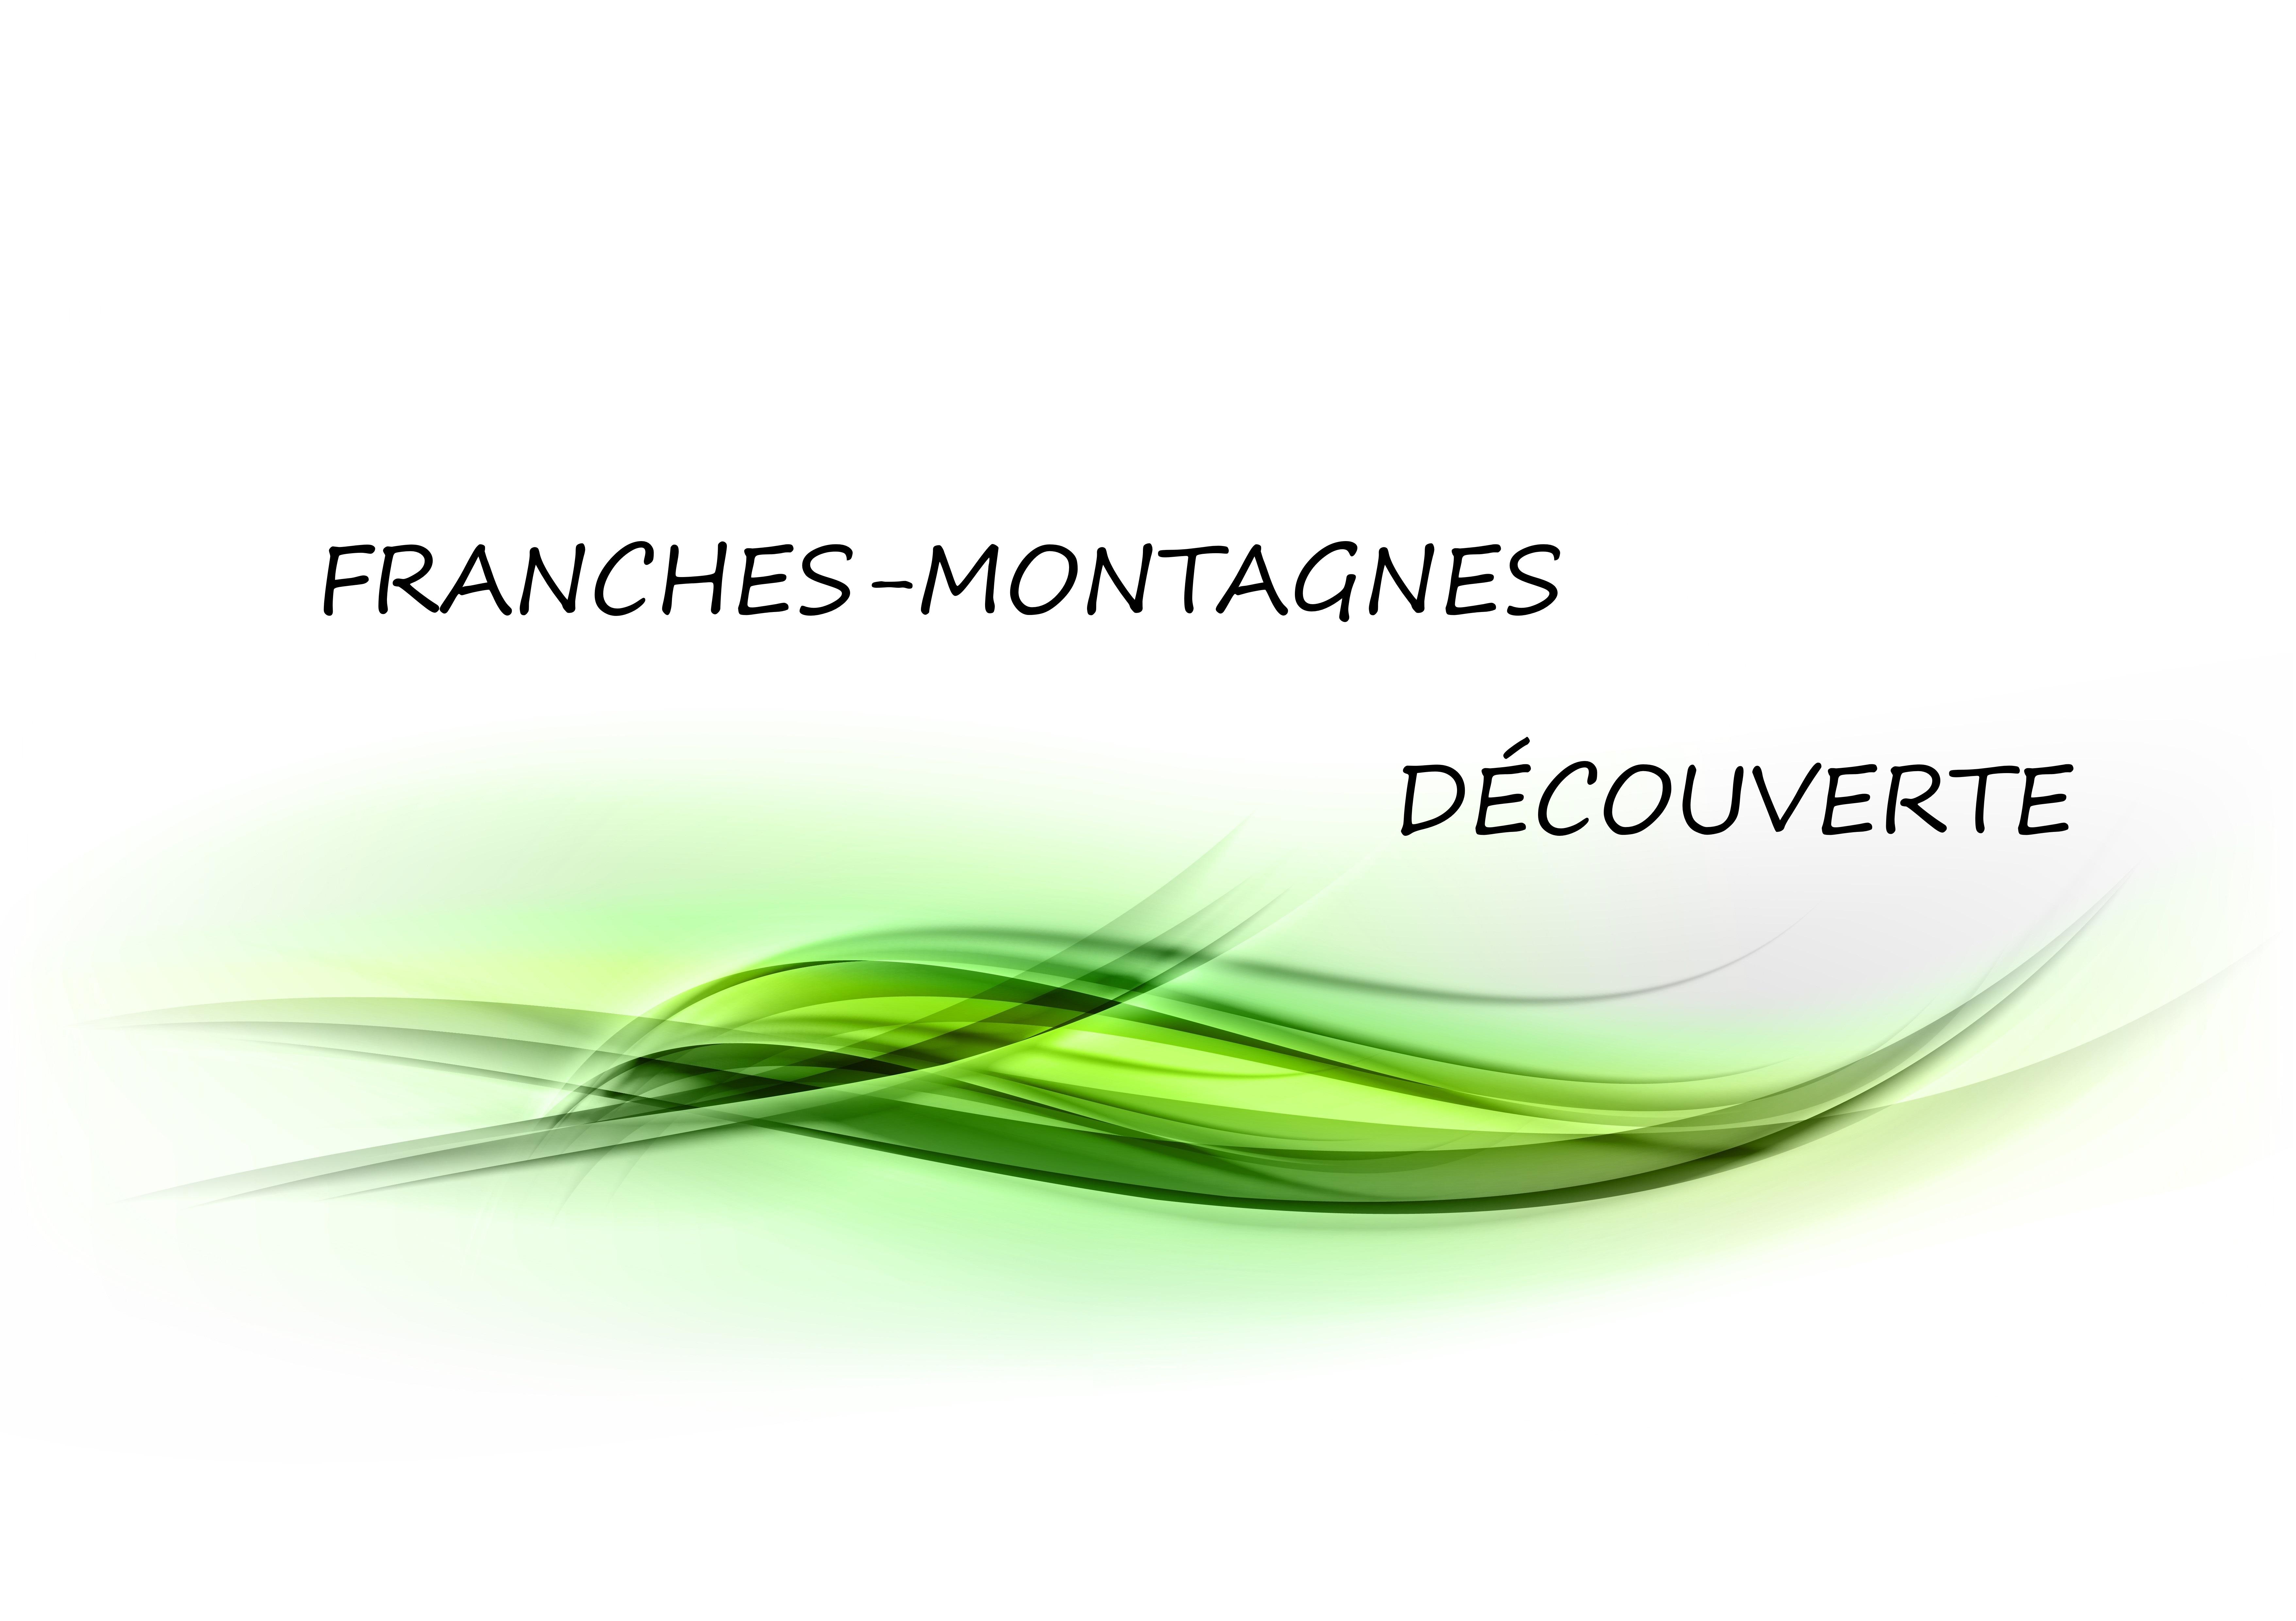 Franches-Montagnes Découverte Sàrl